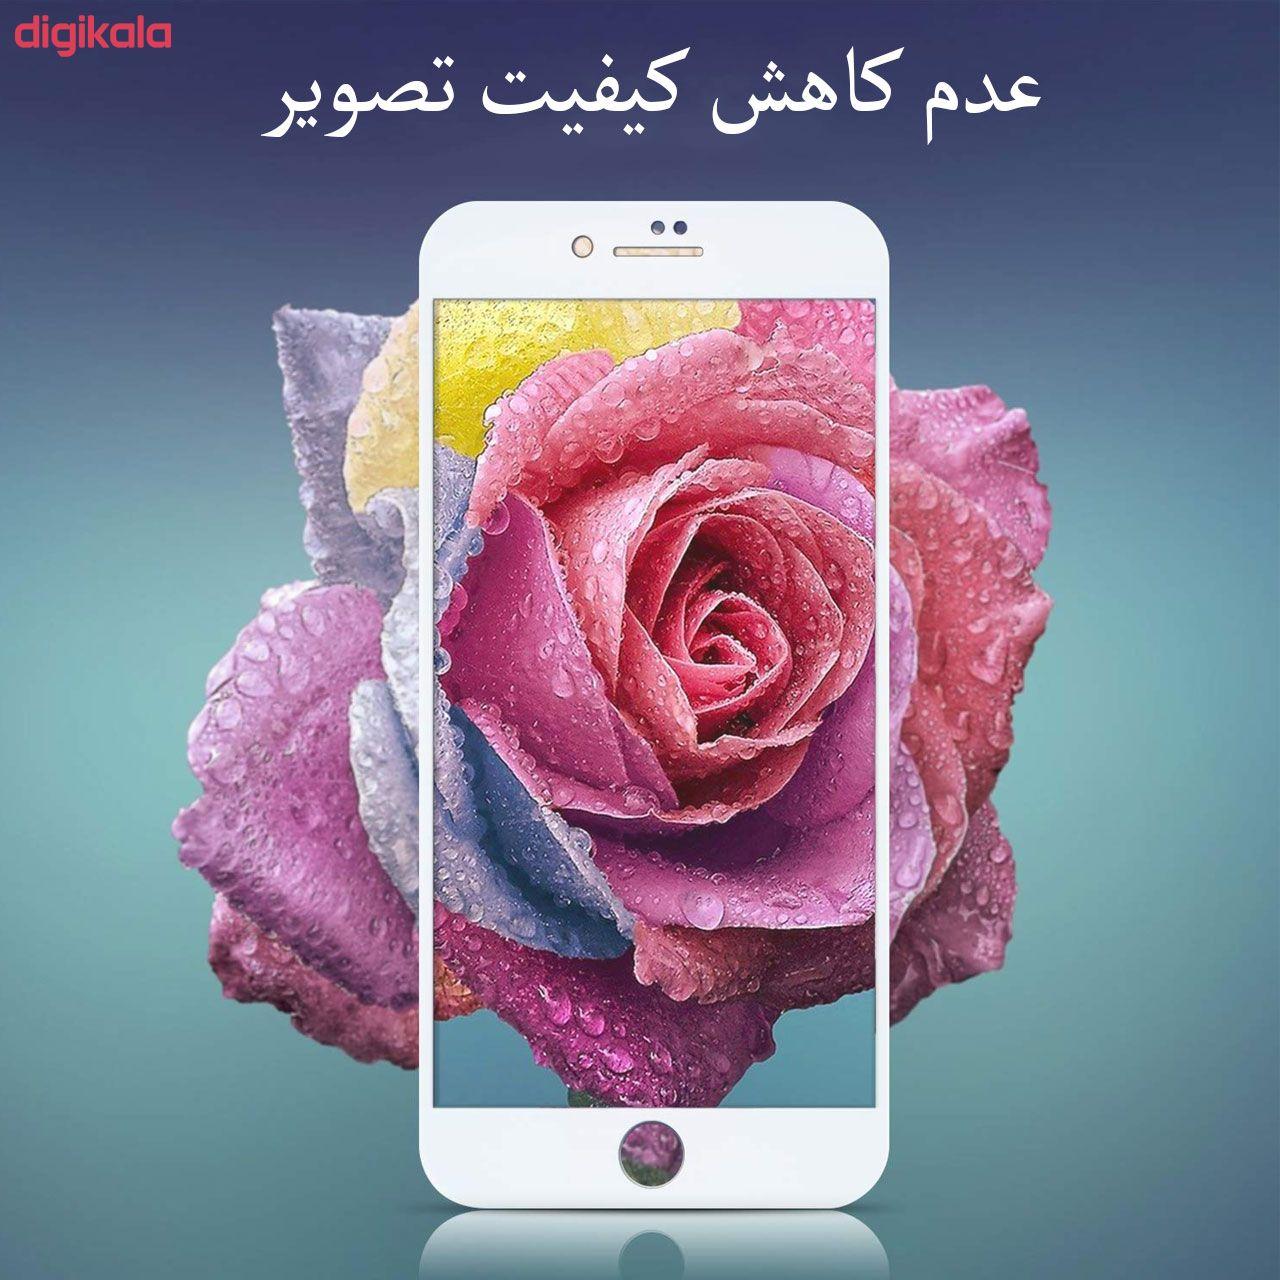 محافظ صفحه نمایش مدل FCG مناسب برای گوشی موبایل اپل iPhone 7 Plus main 1 3